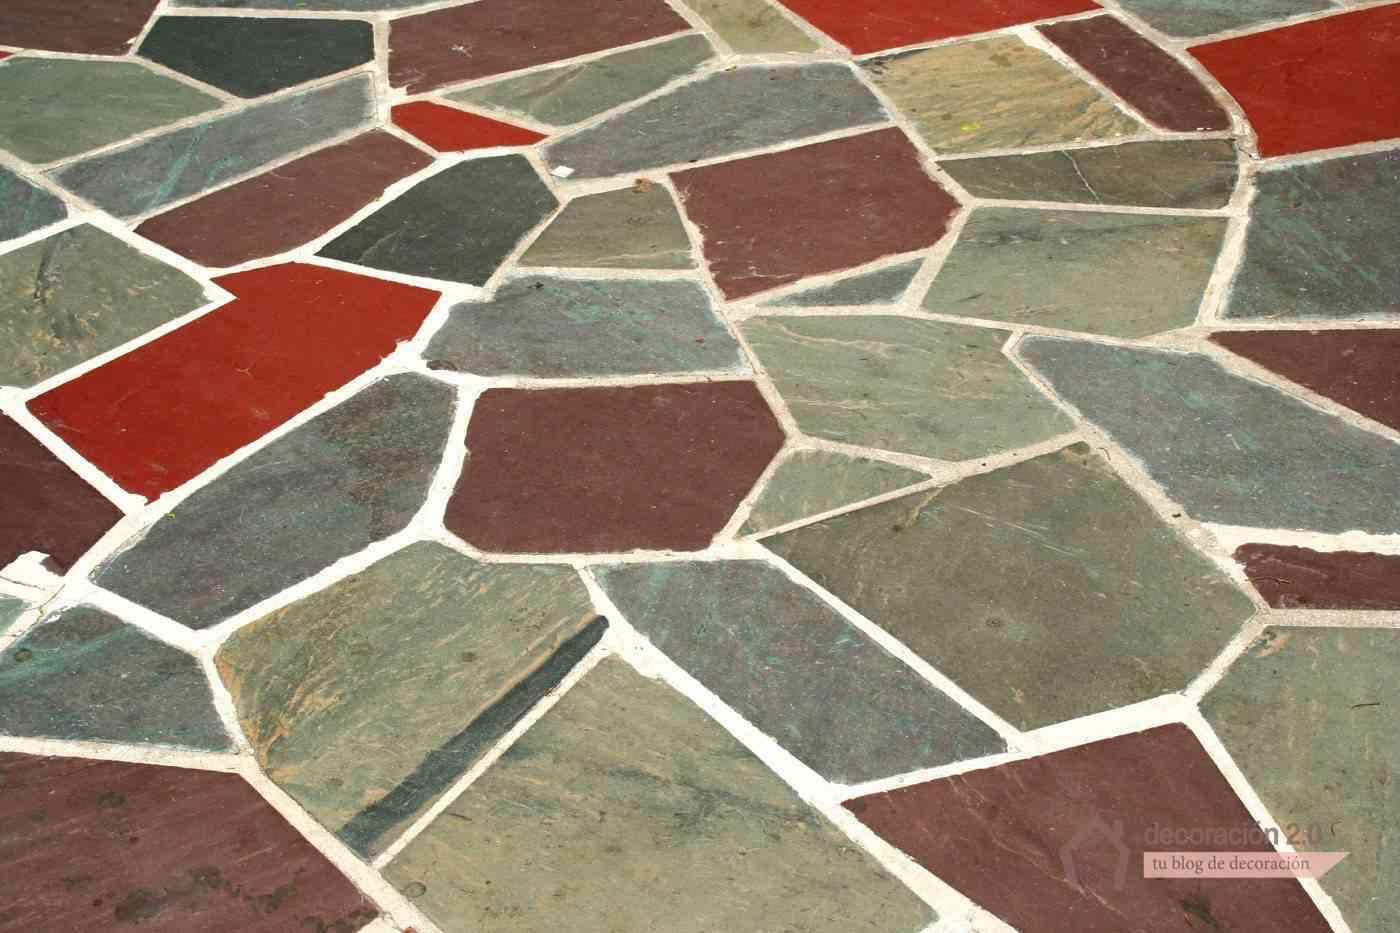 hacer suelo de piedra - colores